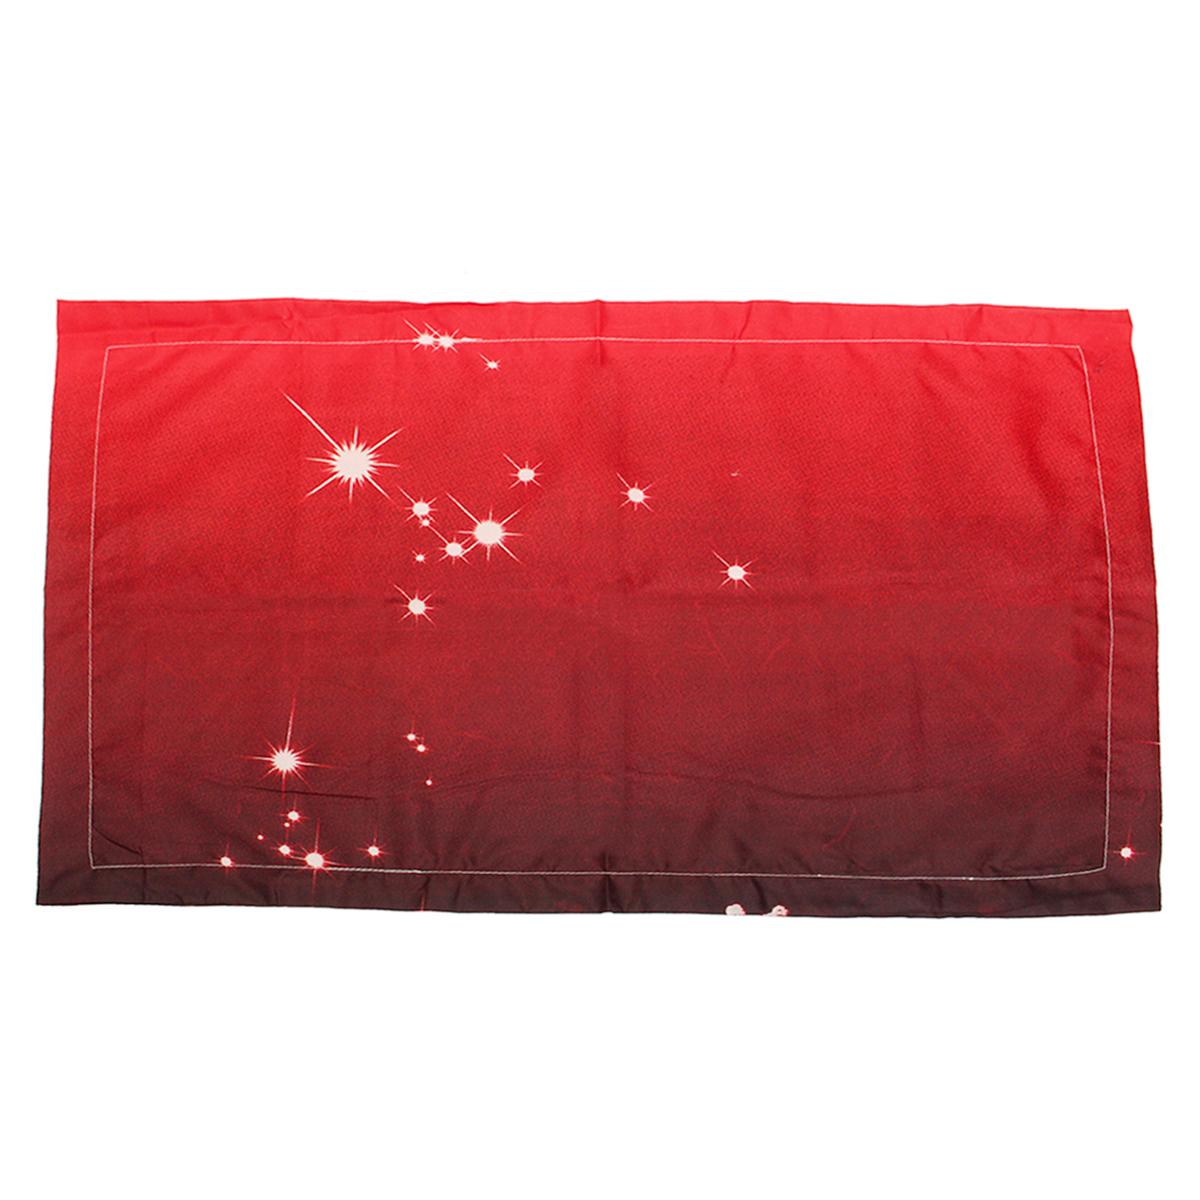 4шт.3D-изображенияНаборыдляпостельного белья Комплект подошв 1 Одеяло Обложка 1 Оборудованный лист 2 Подушки - фото 5